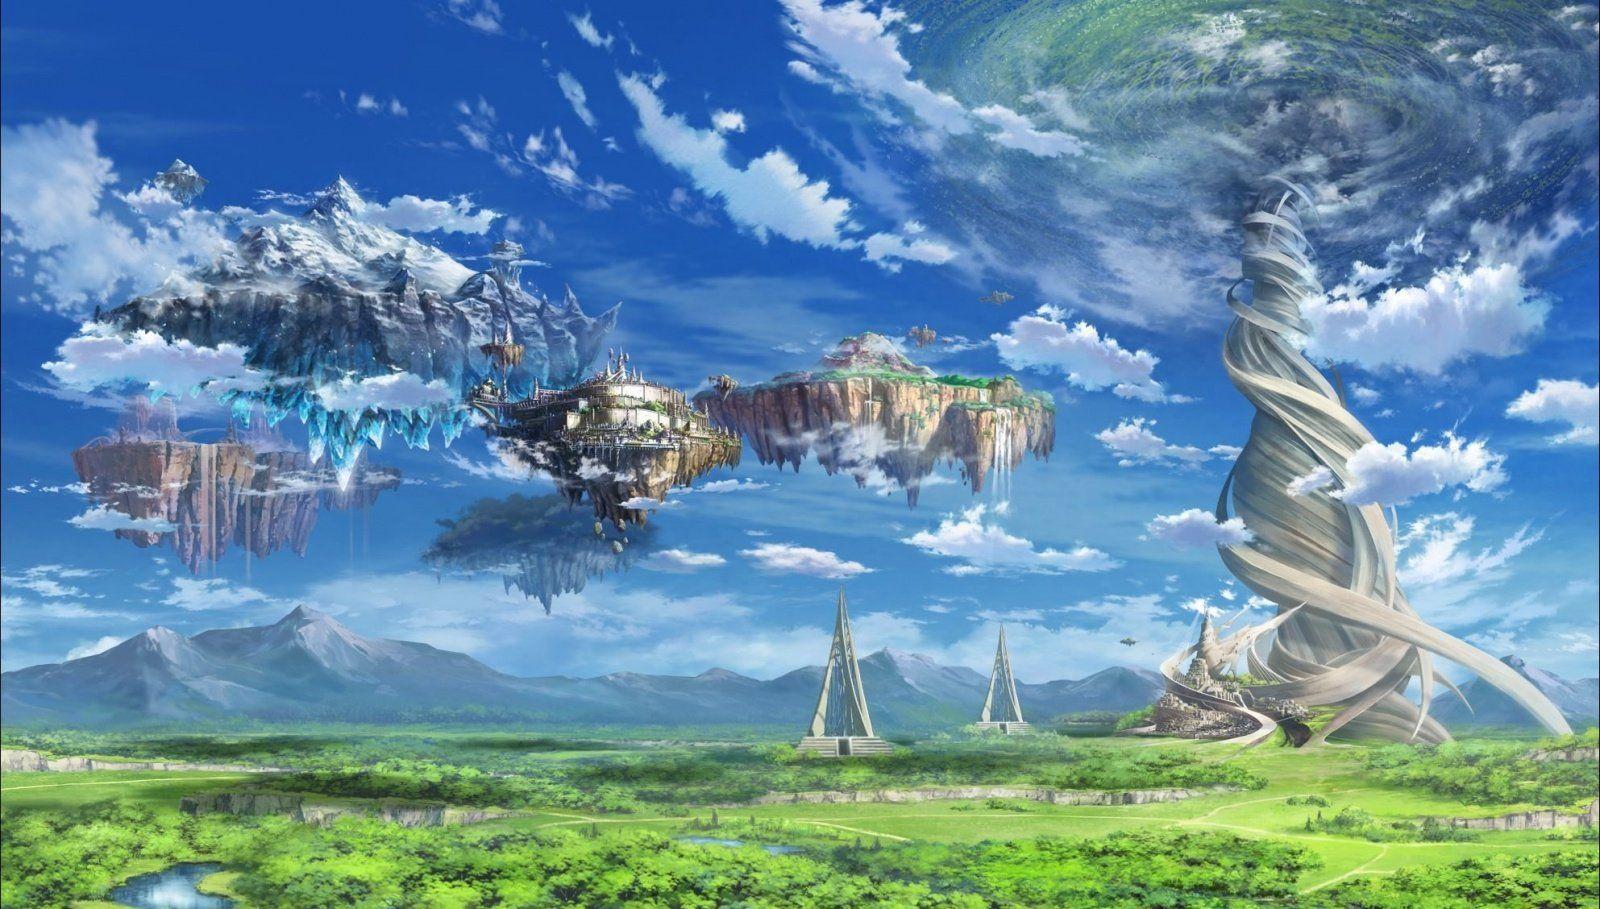 Anime Sword Art Online Wallpaper Color Pinterest